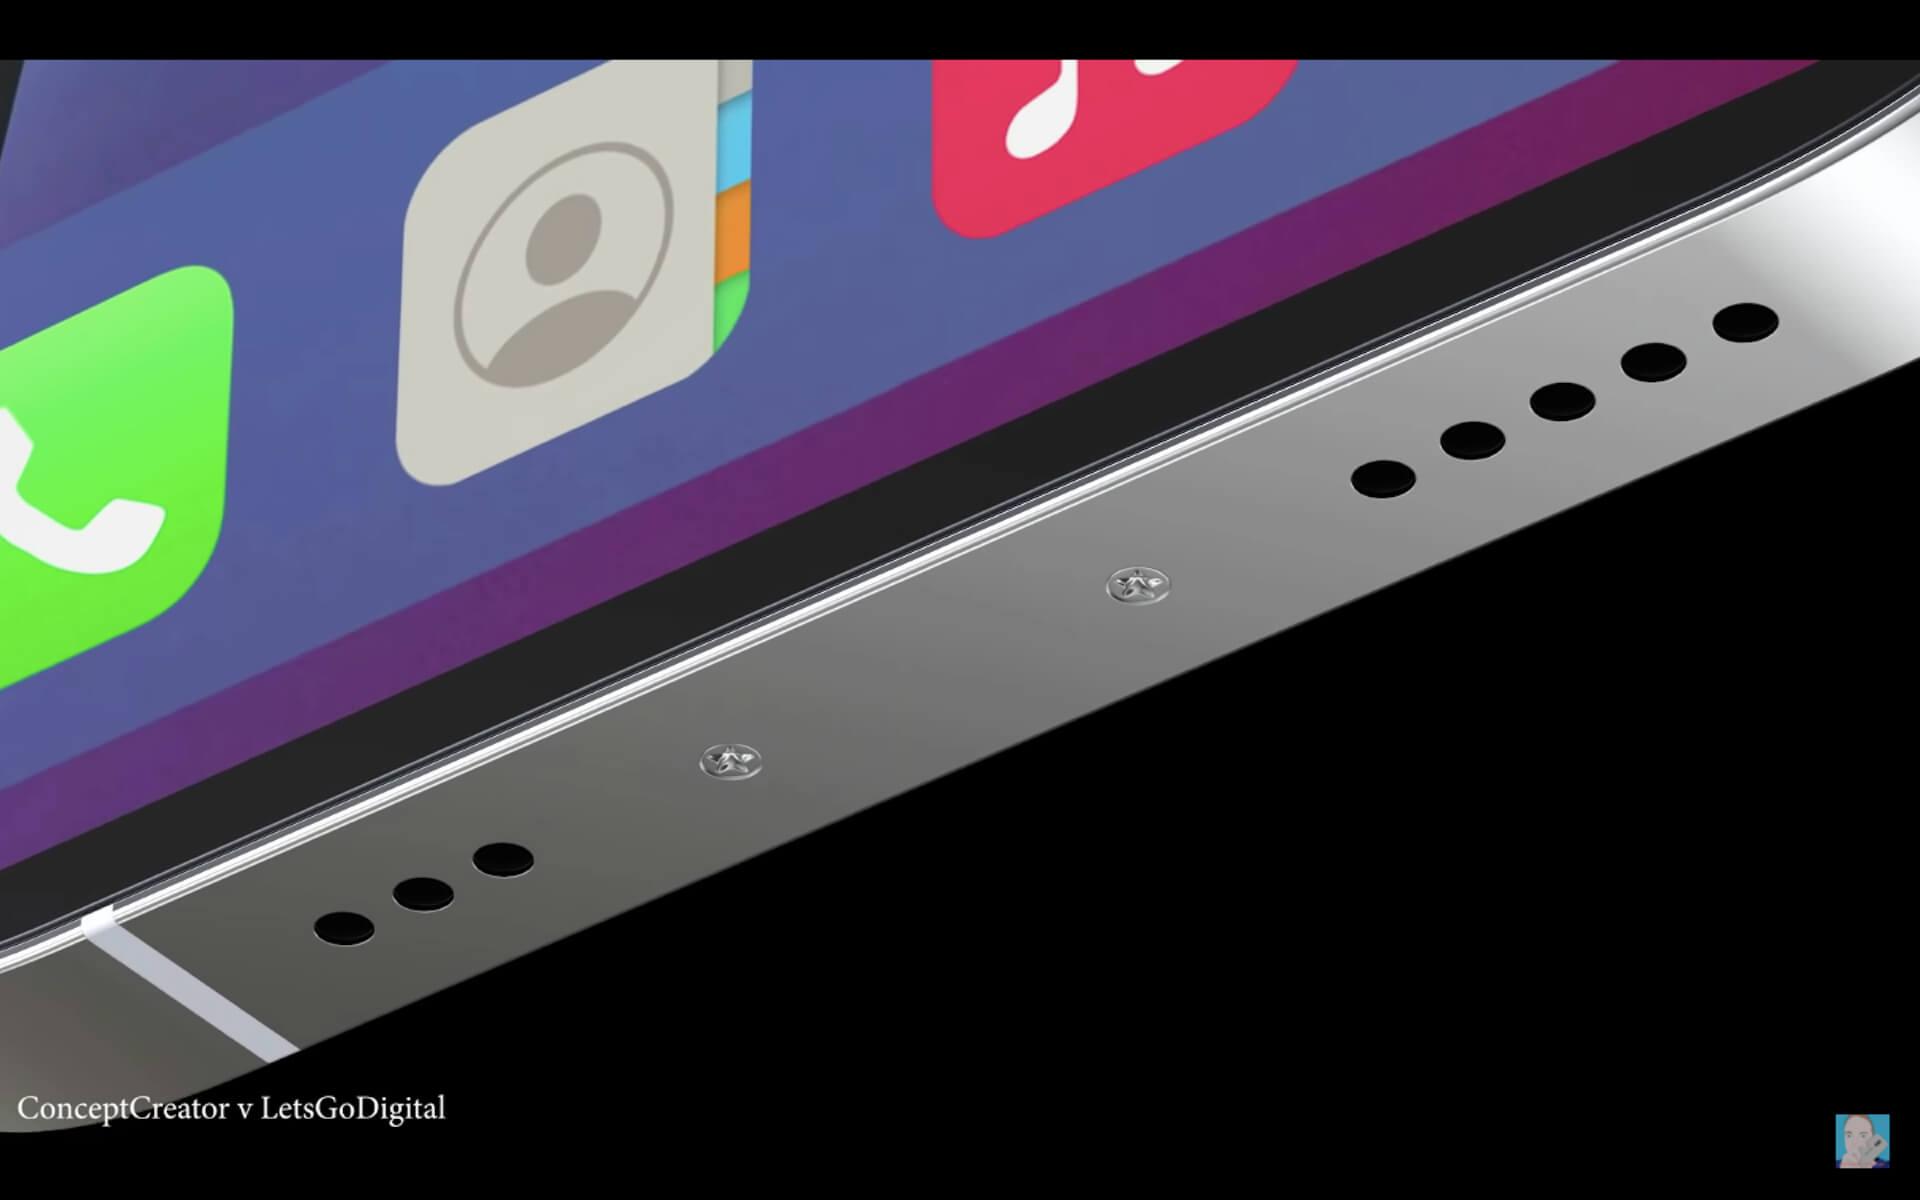 新型iPhoneのデザインはこうなる?リーク情報を基にしたコンセプト動画が公開 tech210201_iphone13_4